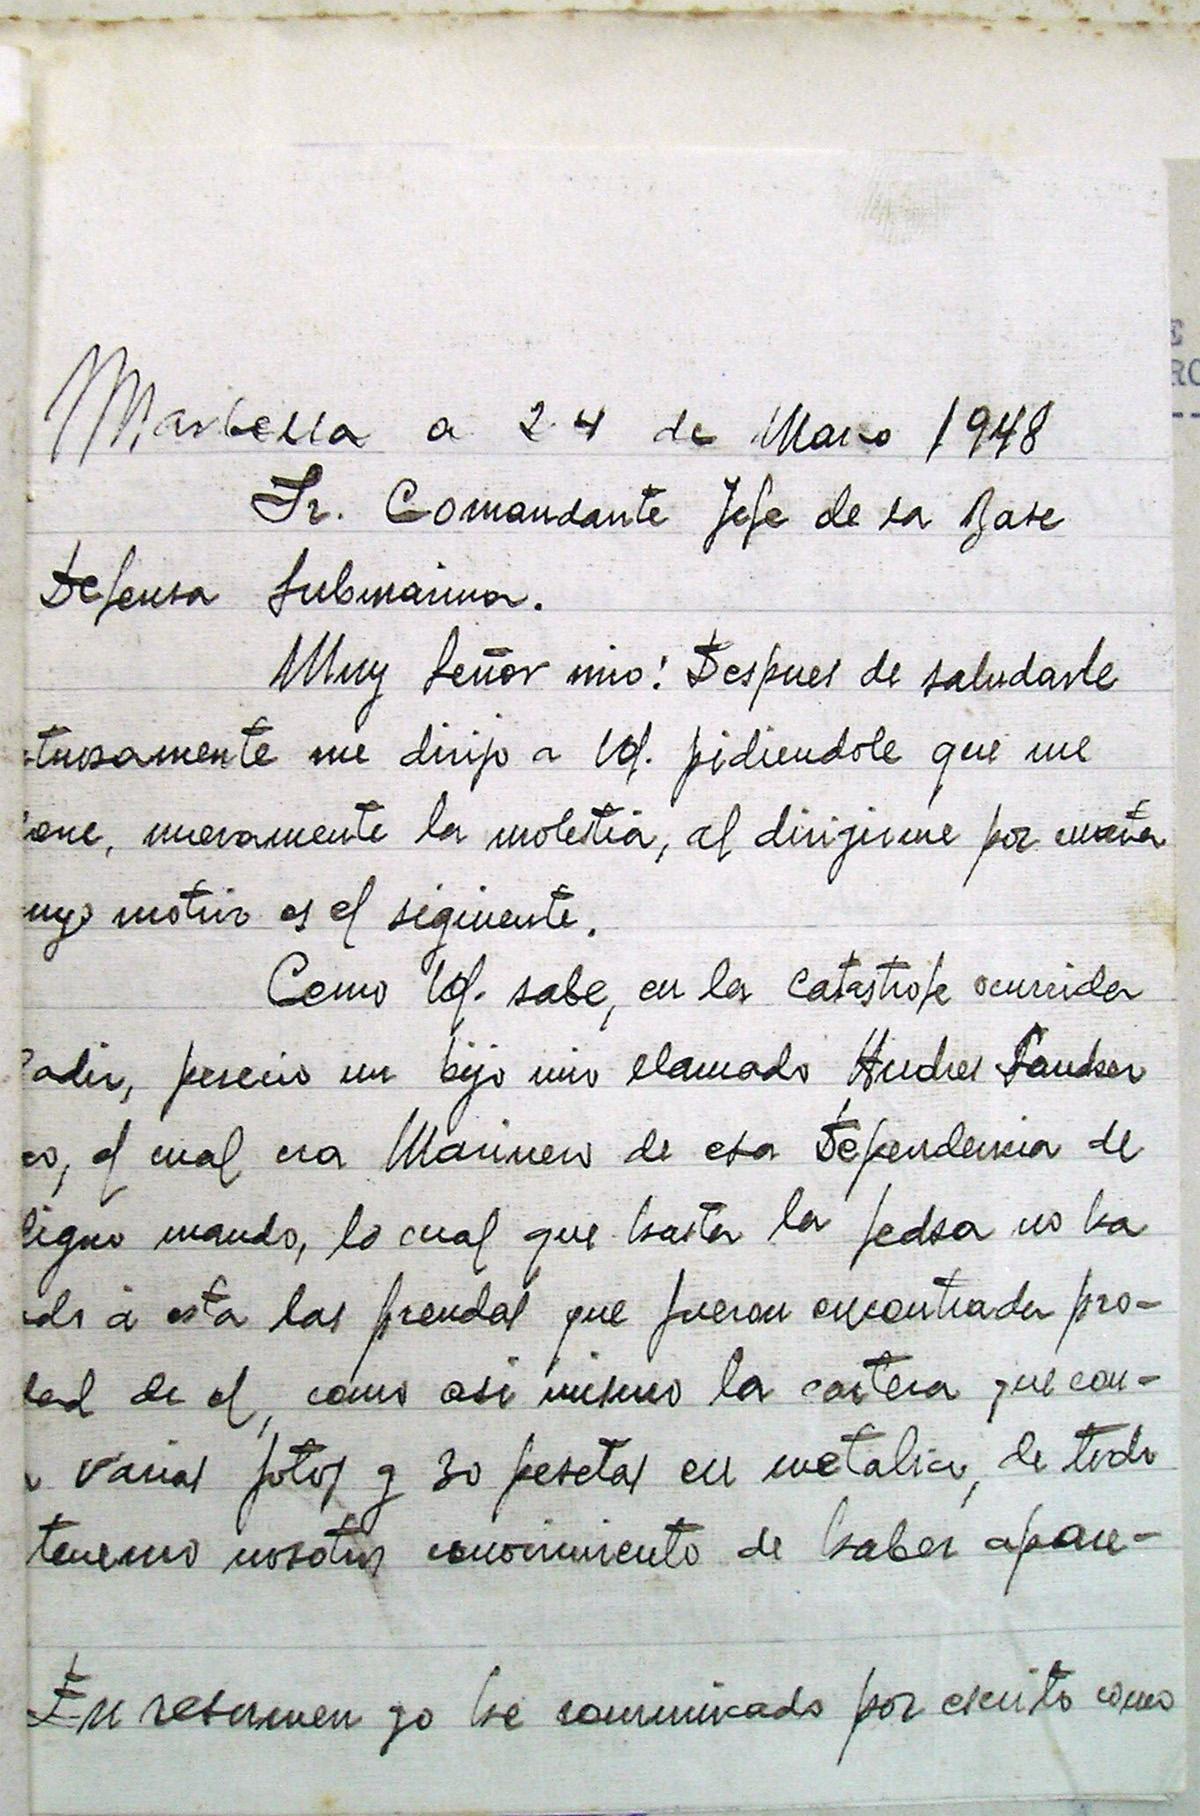 Tercera carta desesperada de los padres de Andrés Sánchez Orozco reclamando los recuerdos de su hijo 1